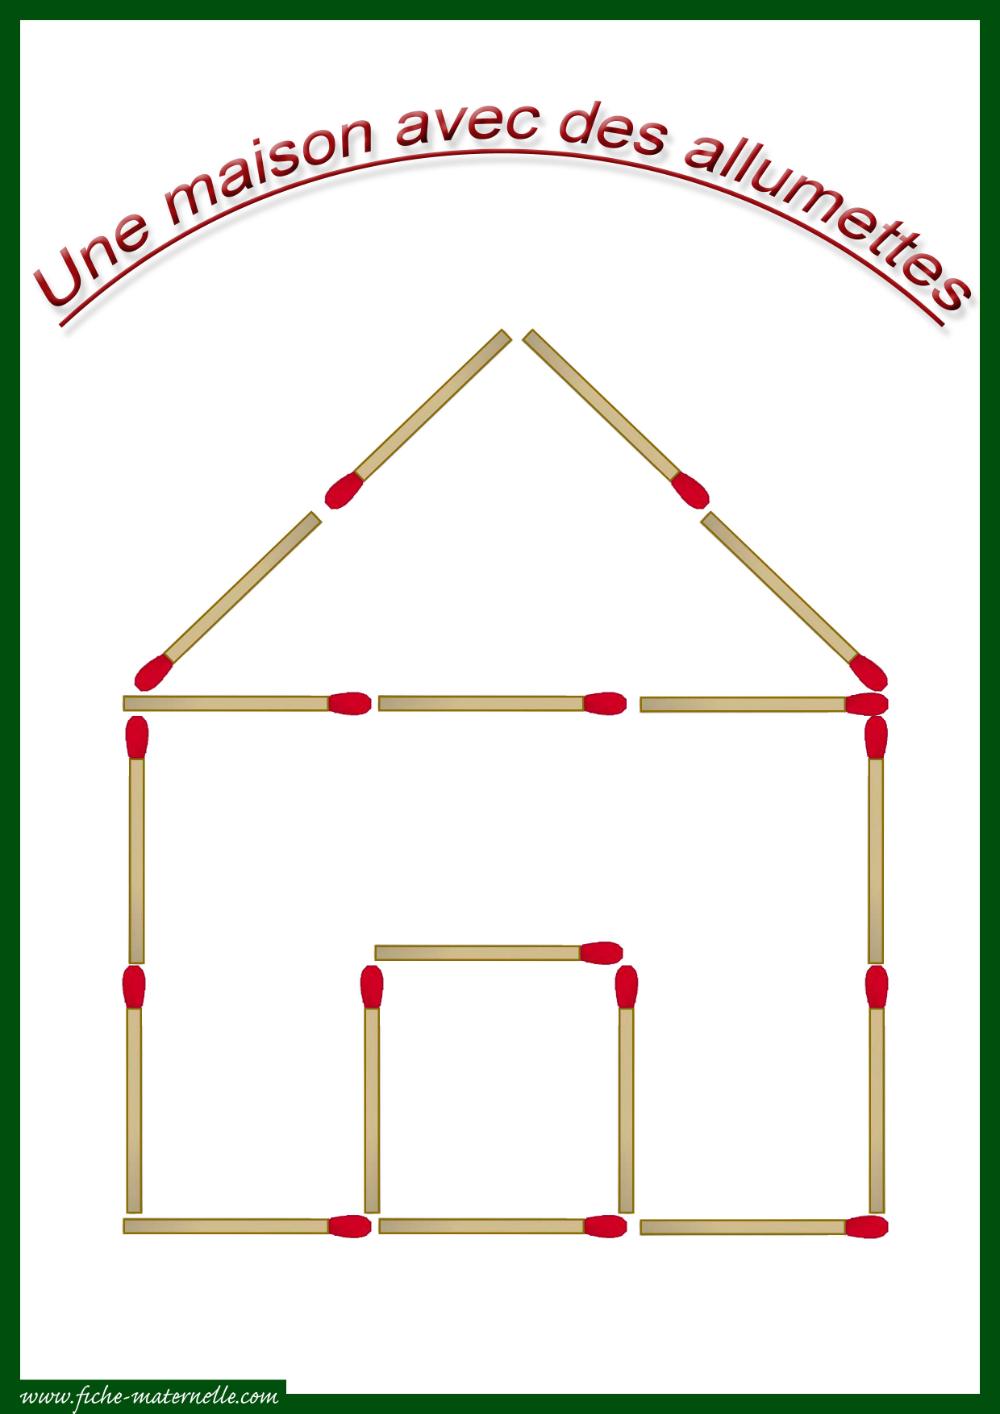 Jeux Mathématiques À La Maternelle | Geometrische Vormen encequiconcerne Jeux Didactiques Maternelle